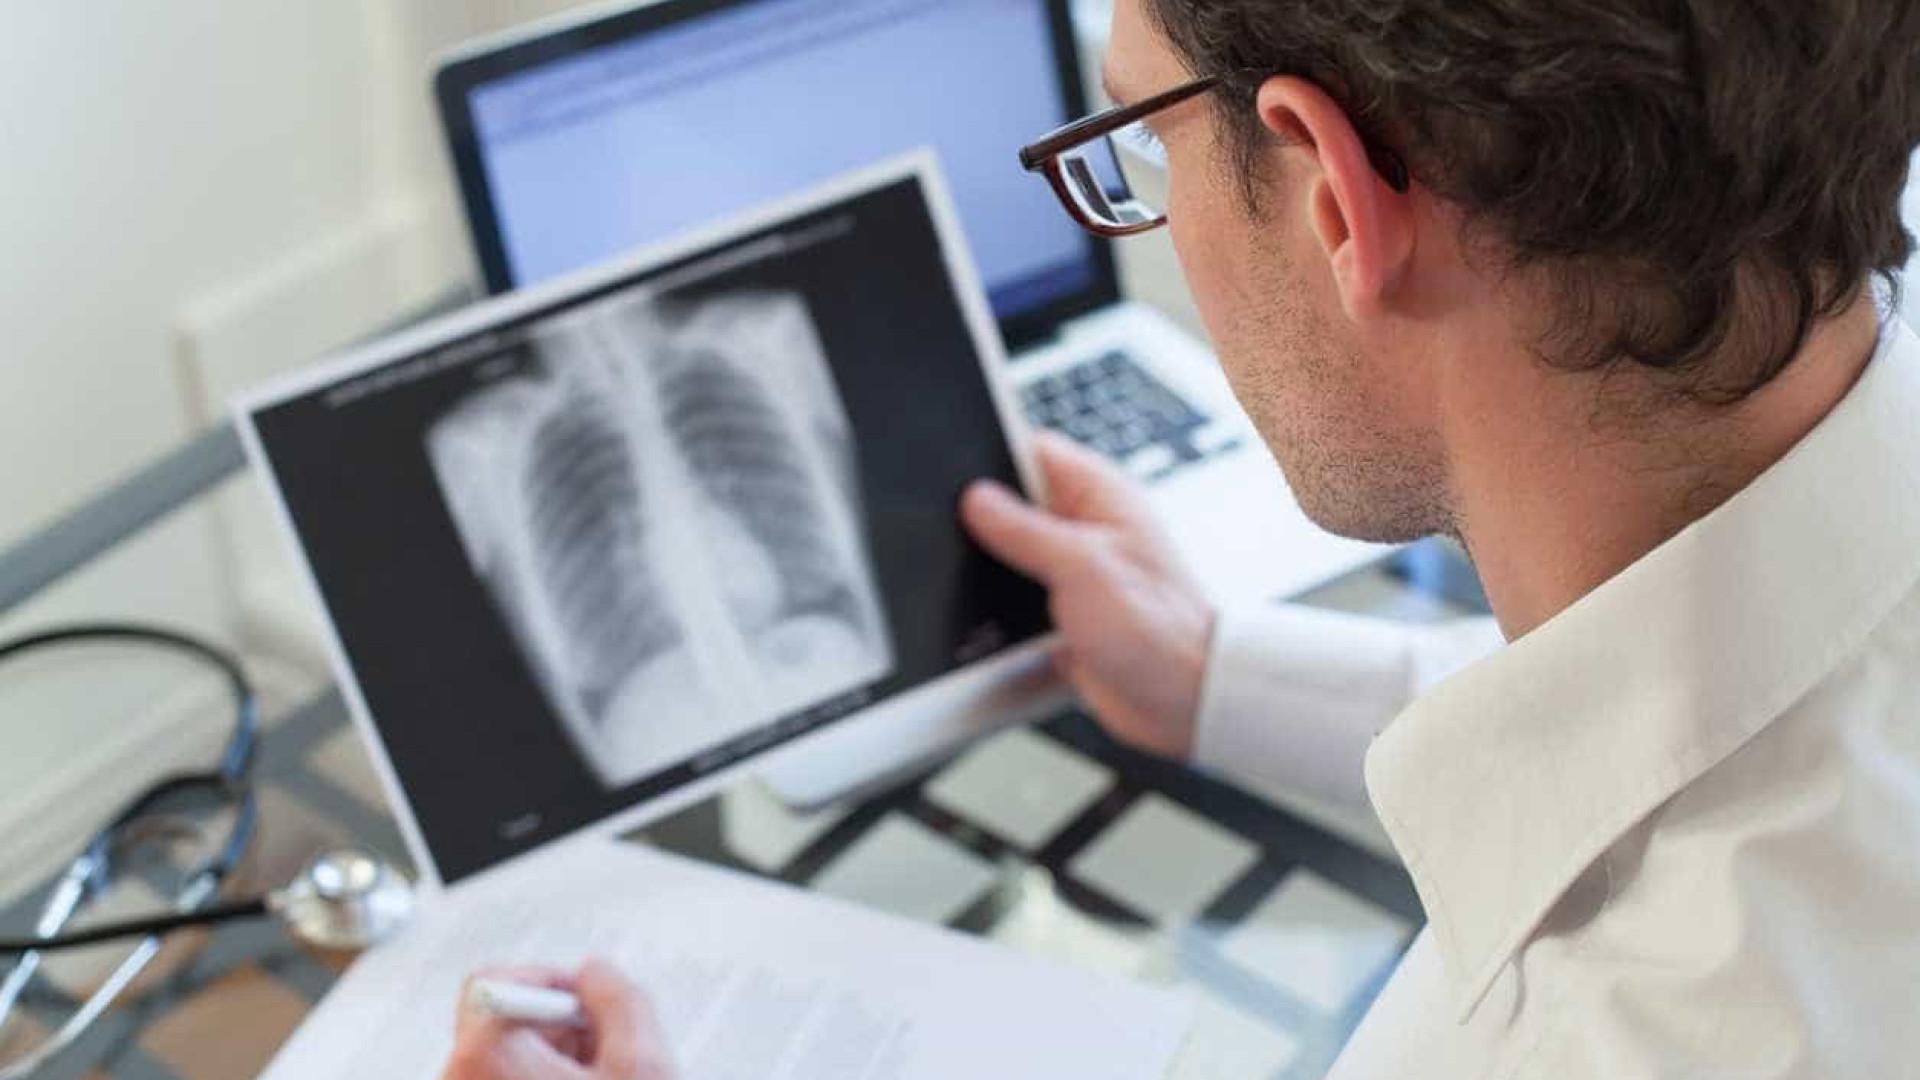 Colégio em Azeitão enfrenta surto de tuberculose